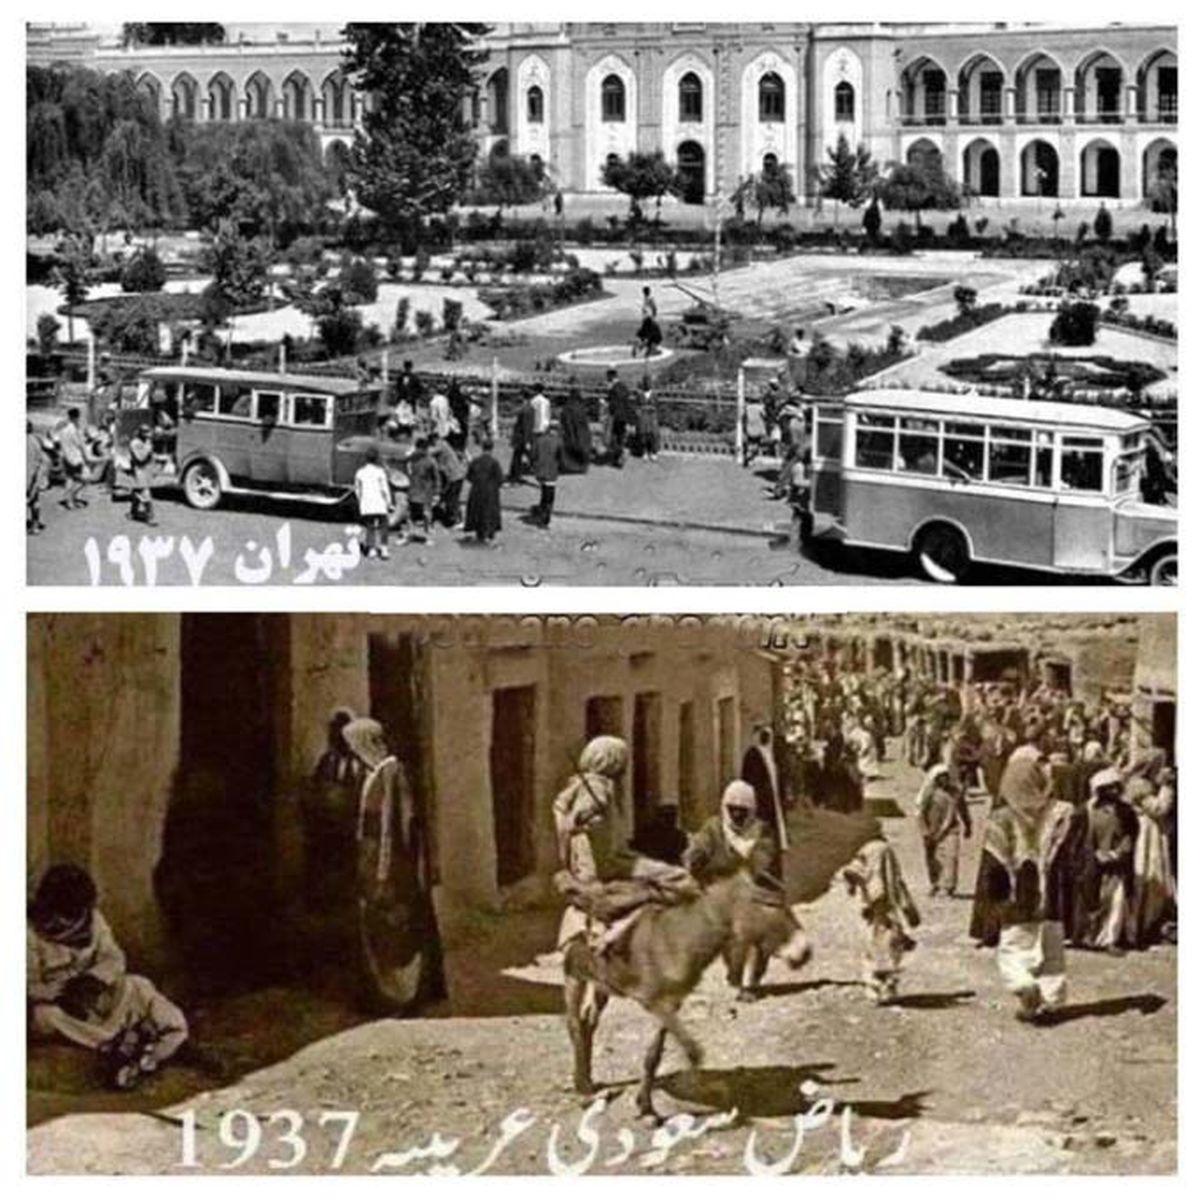 تصویر دیدنی از مقایسه تهران و ریاض ۸۴ سال قبل